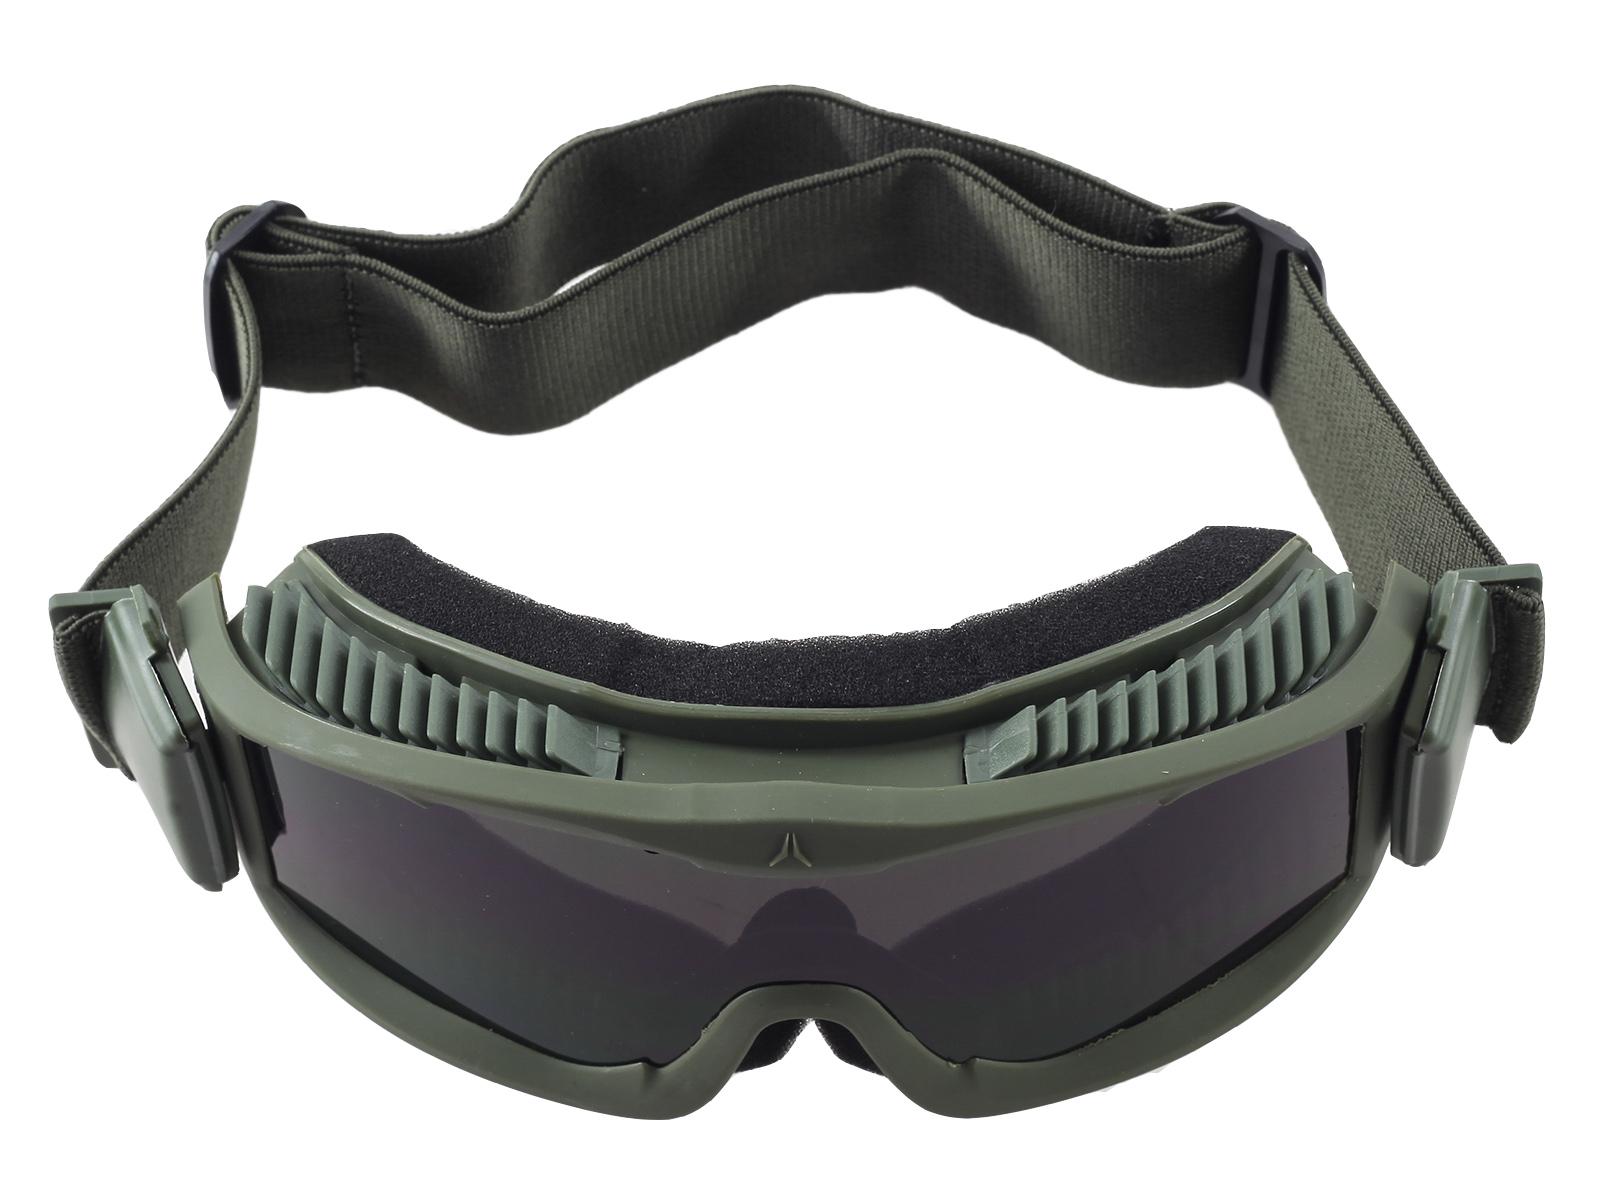 Очки для страйкбола с вентиляцией Lancer Tactical CA-223